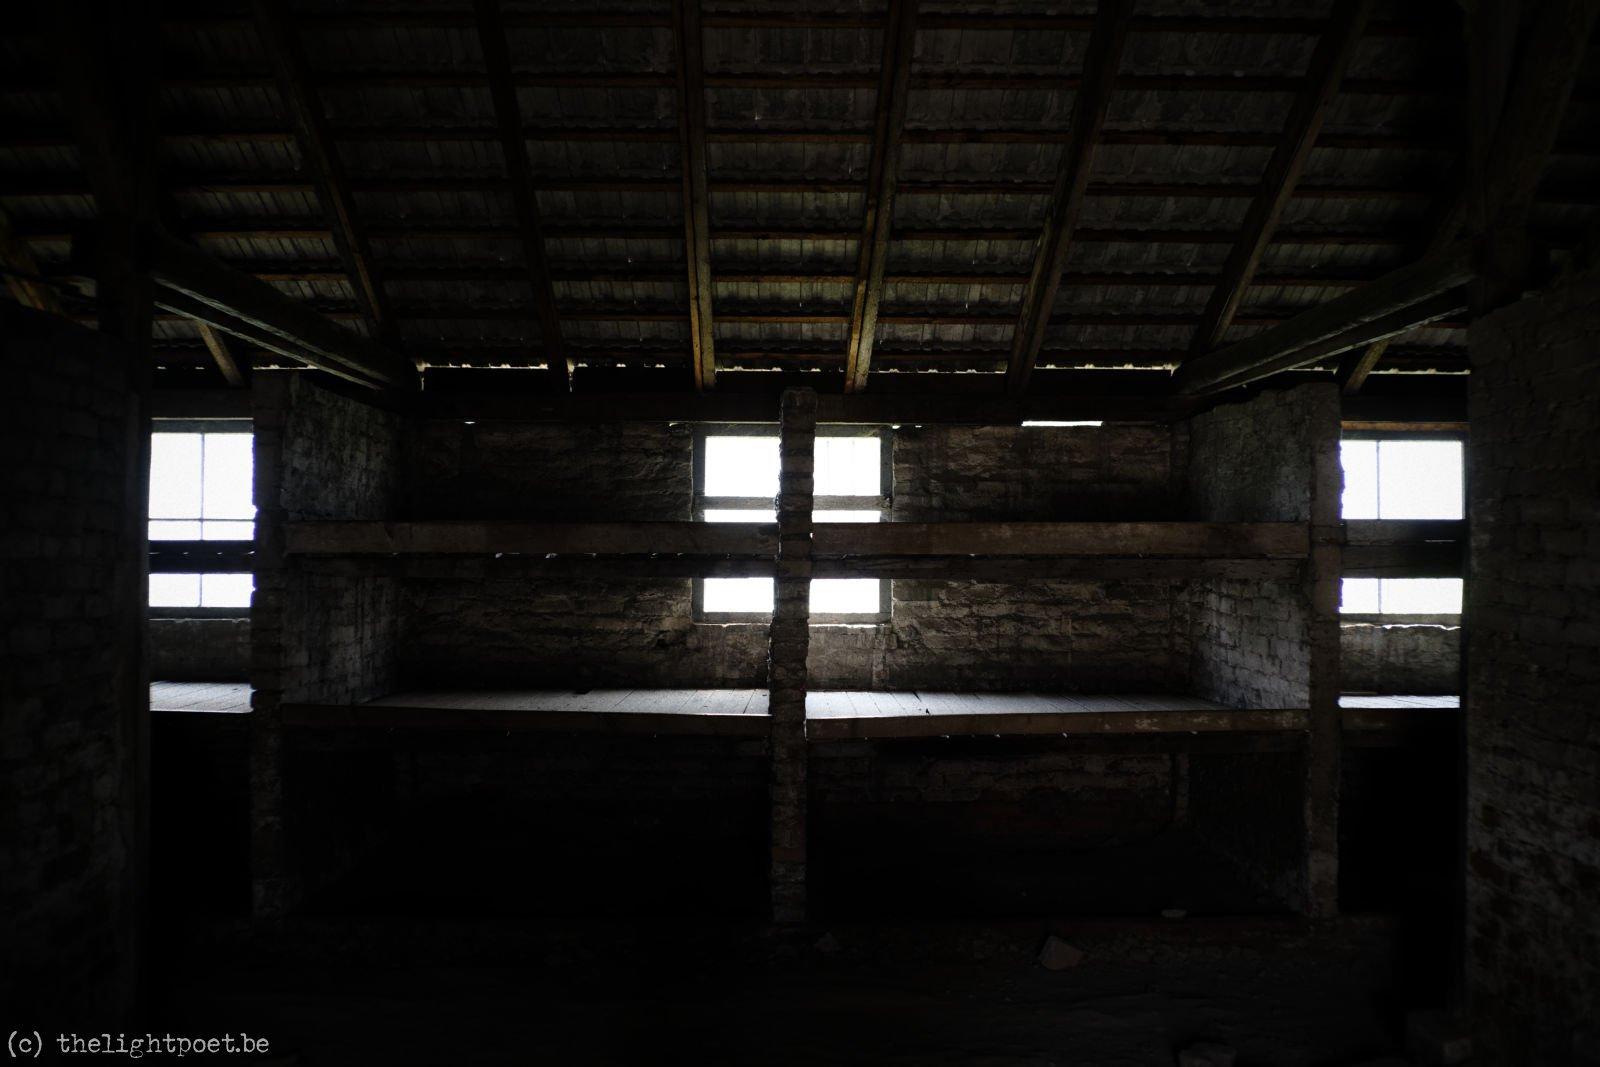 2018_06_Auschwitz_20180620_120128_DxO_PL1_1600px